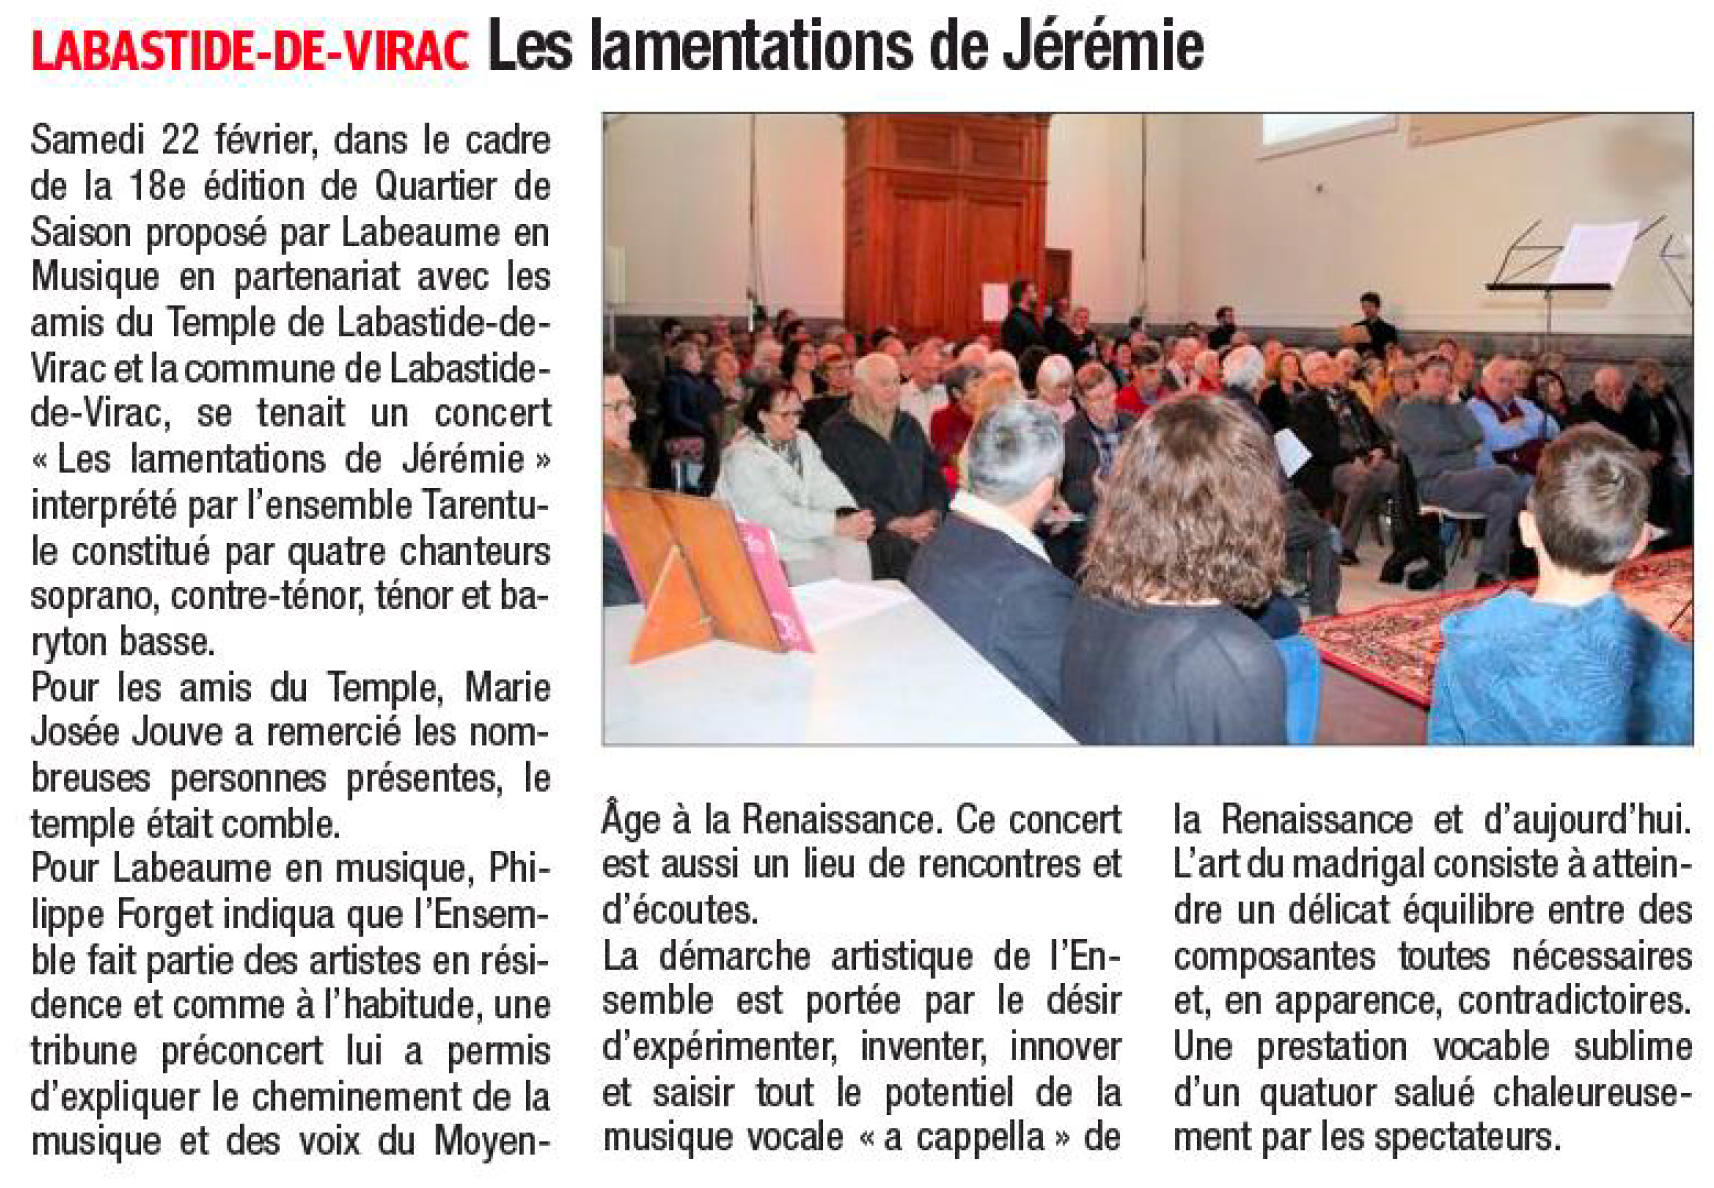 Lamentations de Jérémie de Roland de Lassus - Ensemble Tarentule - Labastide-de-Virac